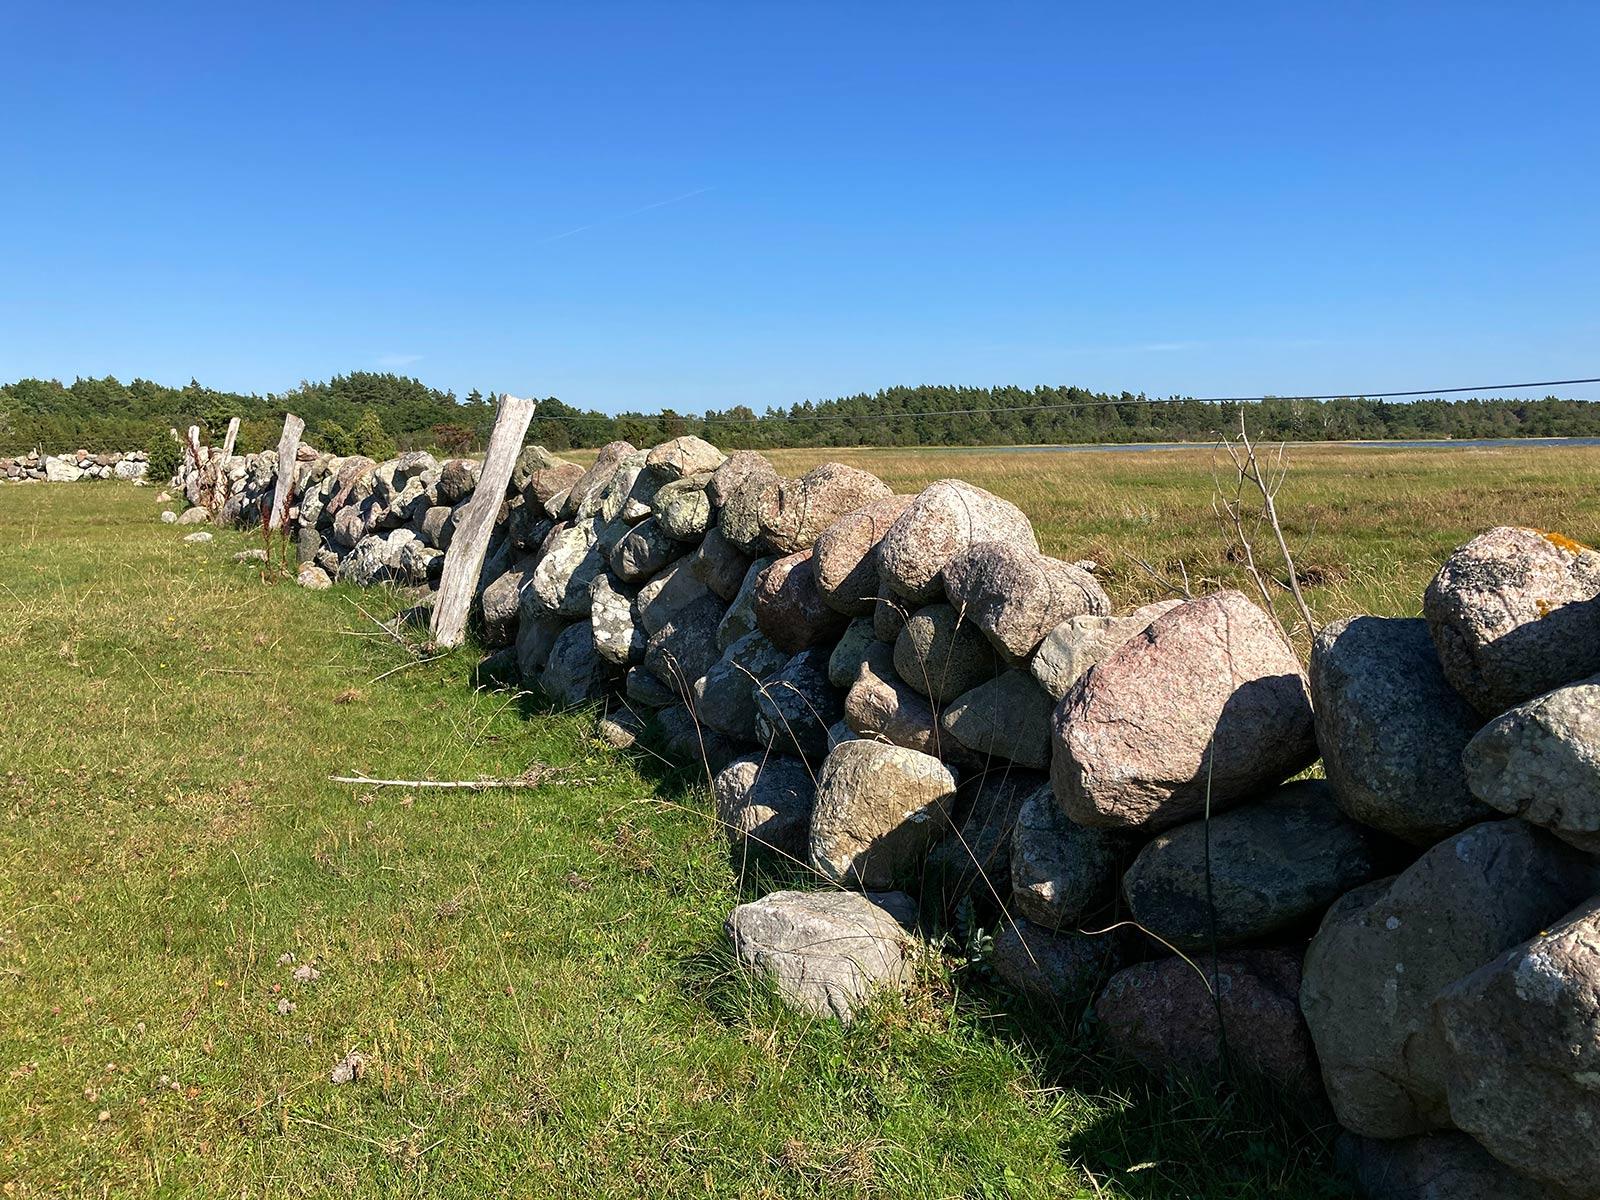 'Natursteinzaun' auf der Insel Öland (Schweden)